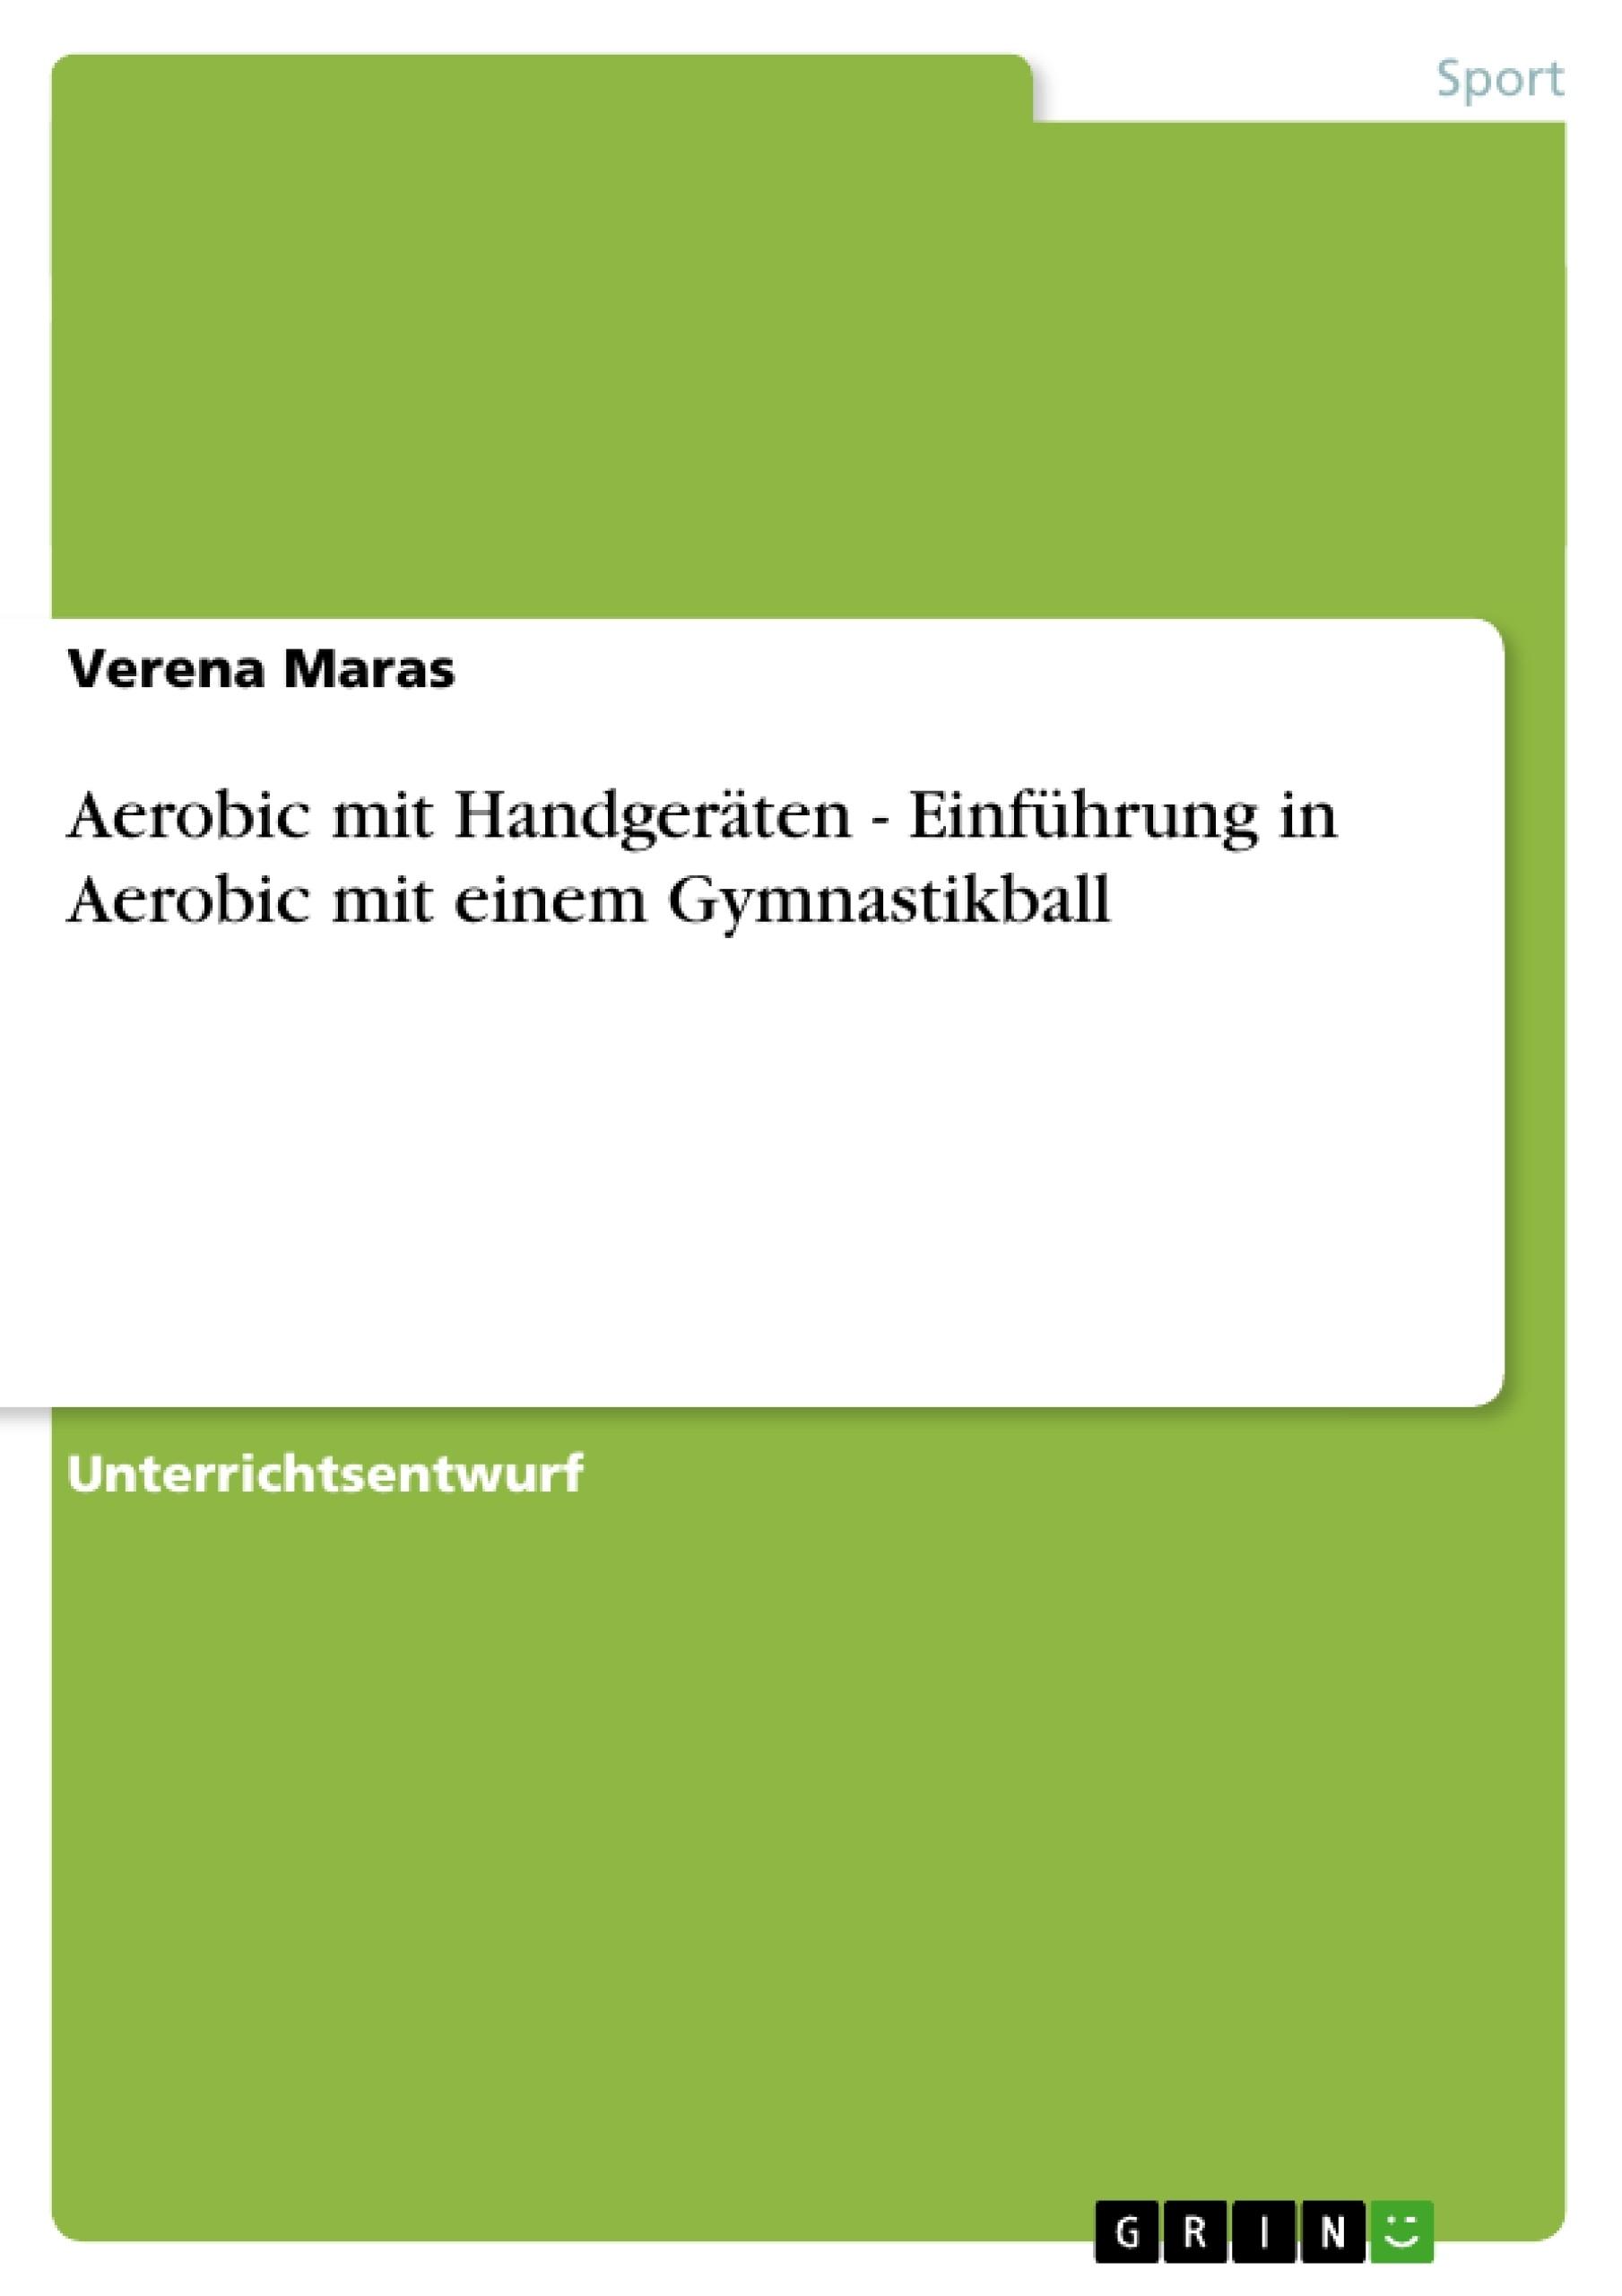 Titel: Aerobic mit Handgeräten - Einführung in Aerobic mit einem Gymnastikball